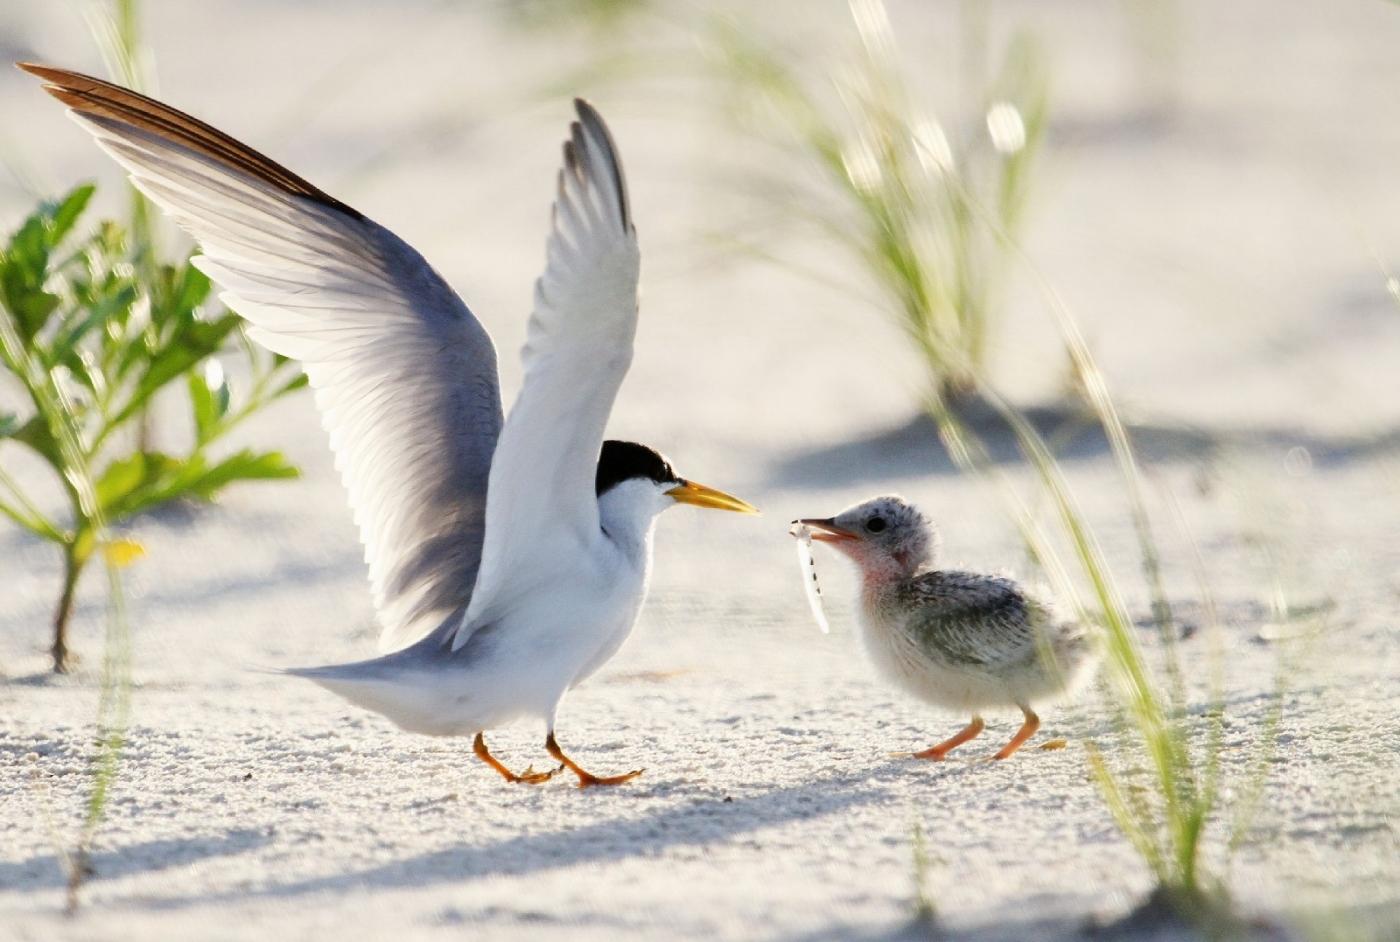 【田螺摄影】黄嘴燕鸥整个出生成长的过程_图1-9